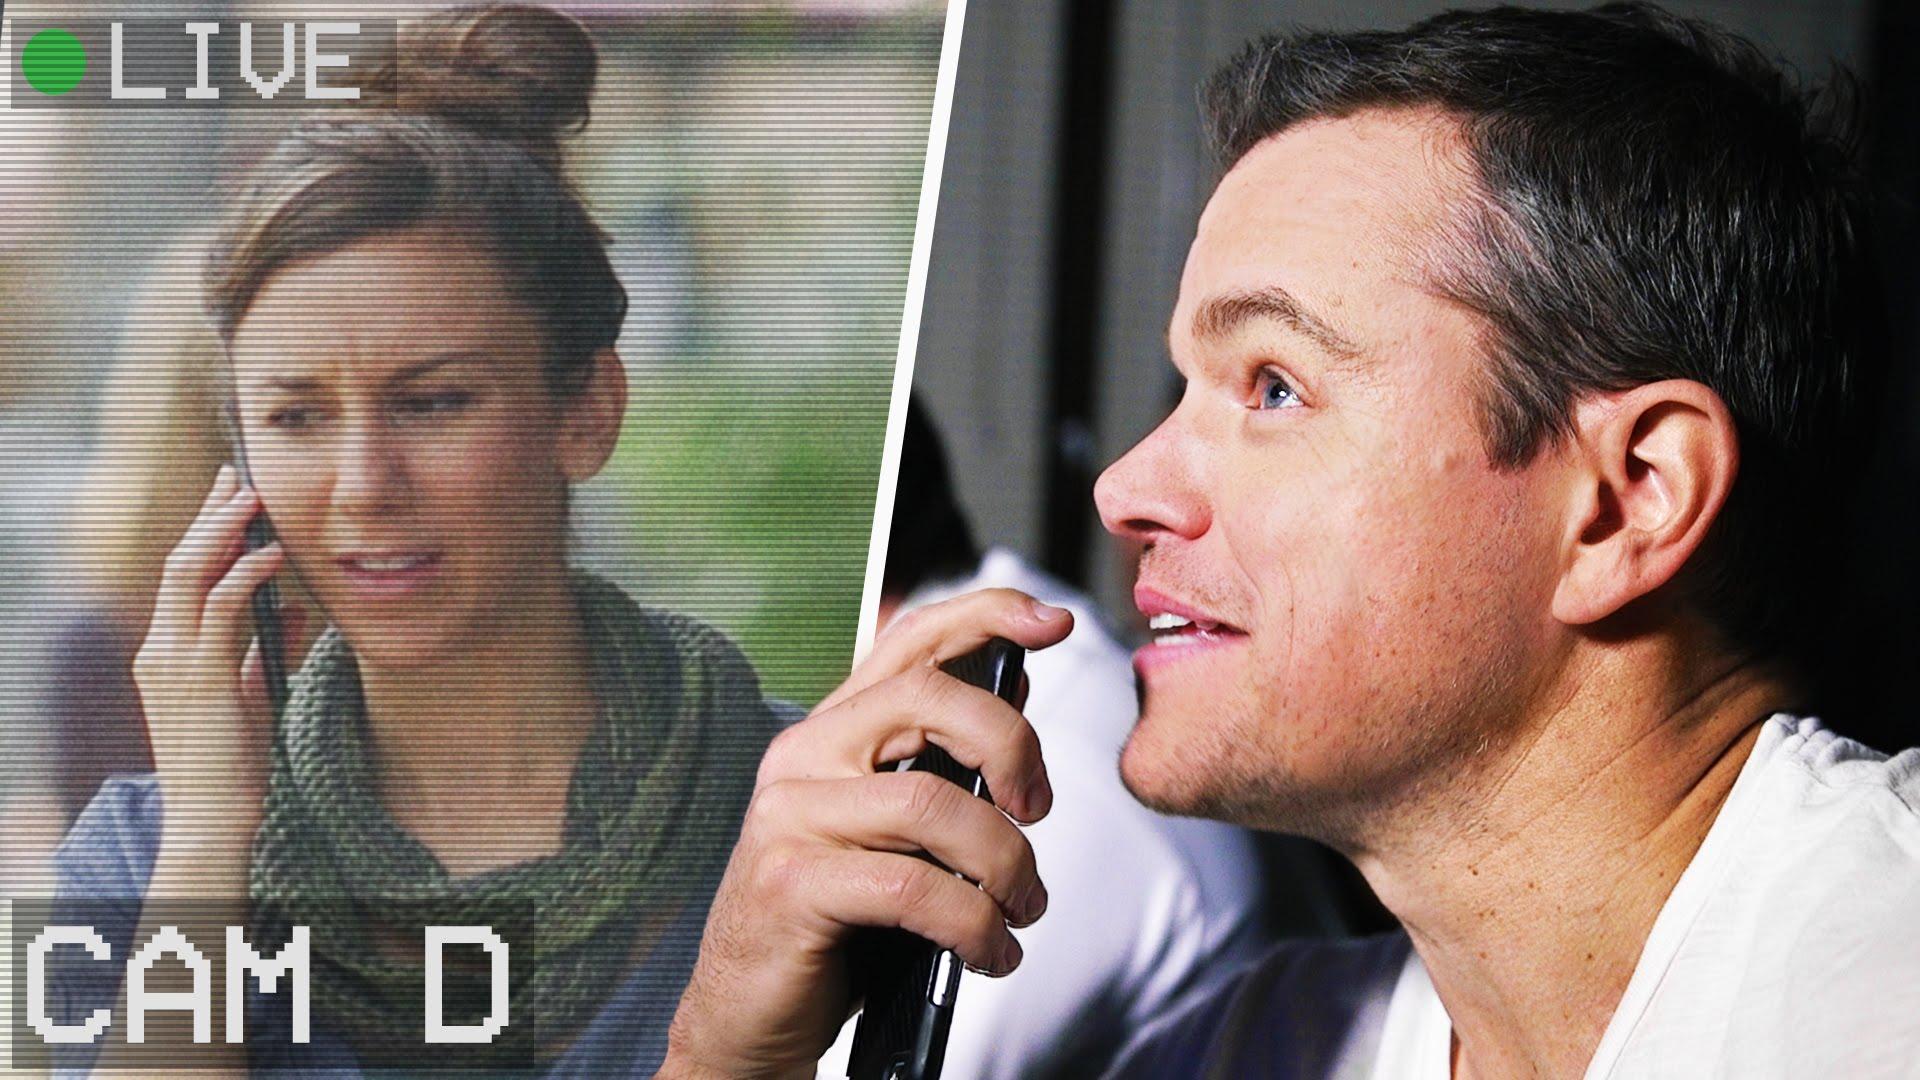 「麥特戴蒙惡整路人,每個人都可能成為『傑森‧包恩』?!」- Matt Damon Pranks People with Surprise Bourne Spy Mission